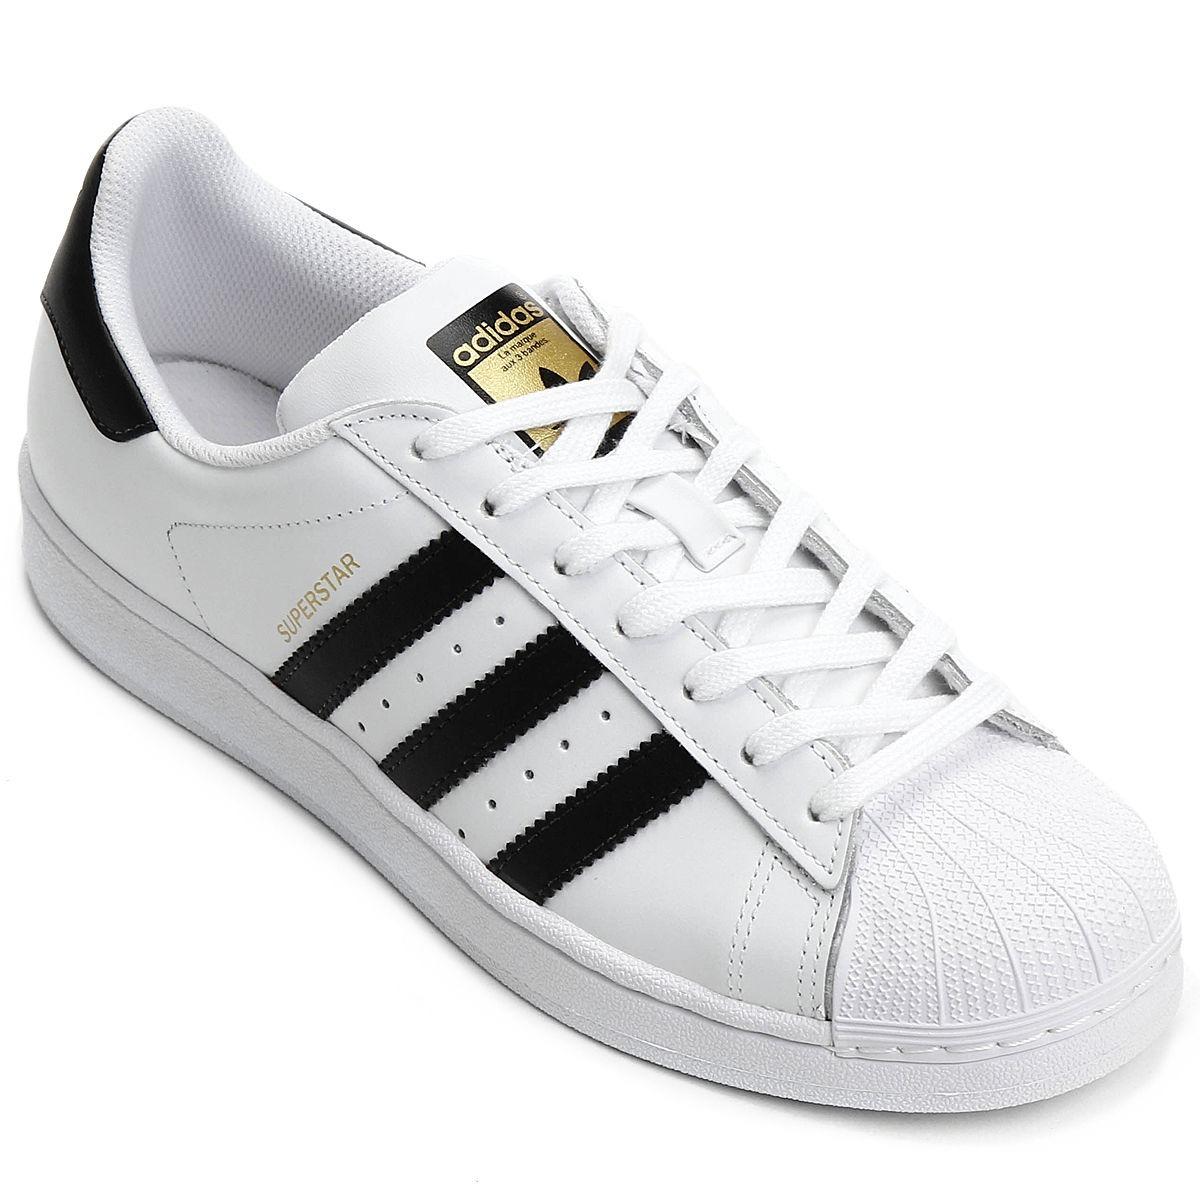 60cf8787dd5 tênis adidas superstar casual feminino original. Carregando zoom.